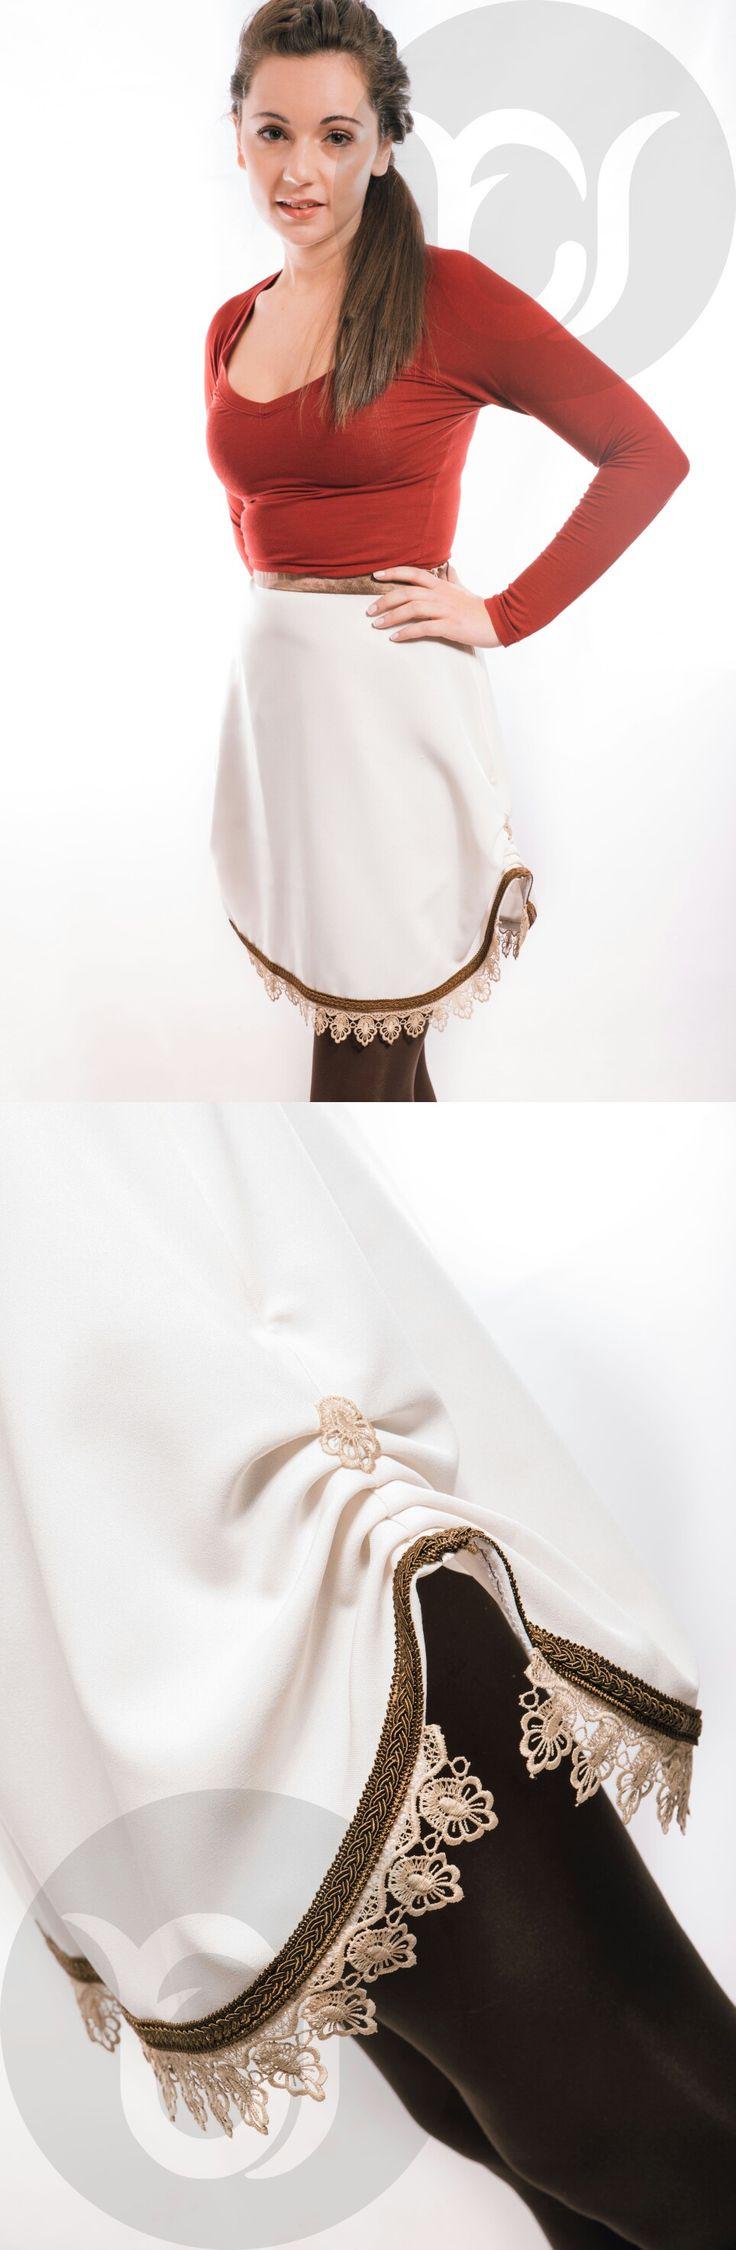 Falda de corte campana con drapeados laterales, cinturilla de seda con goma en su interior para mejor adaptación al cuerpo, y rematada con pasamanería y puntilla de guipur. Inspirada en los dorados años 20